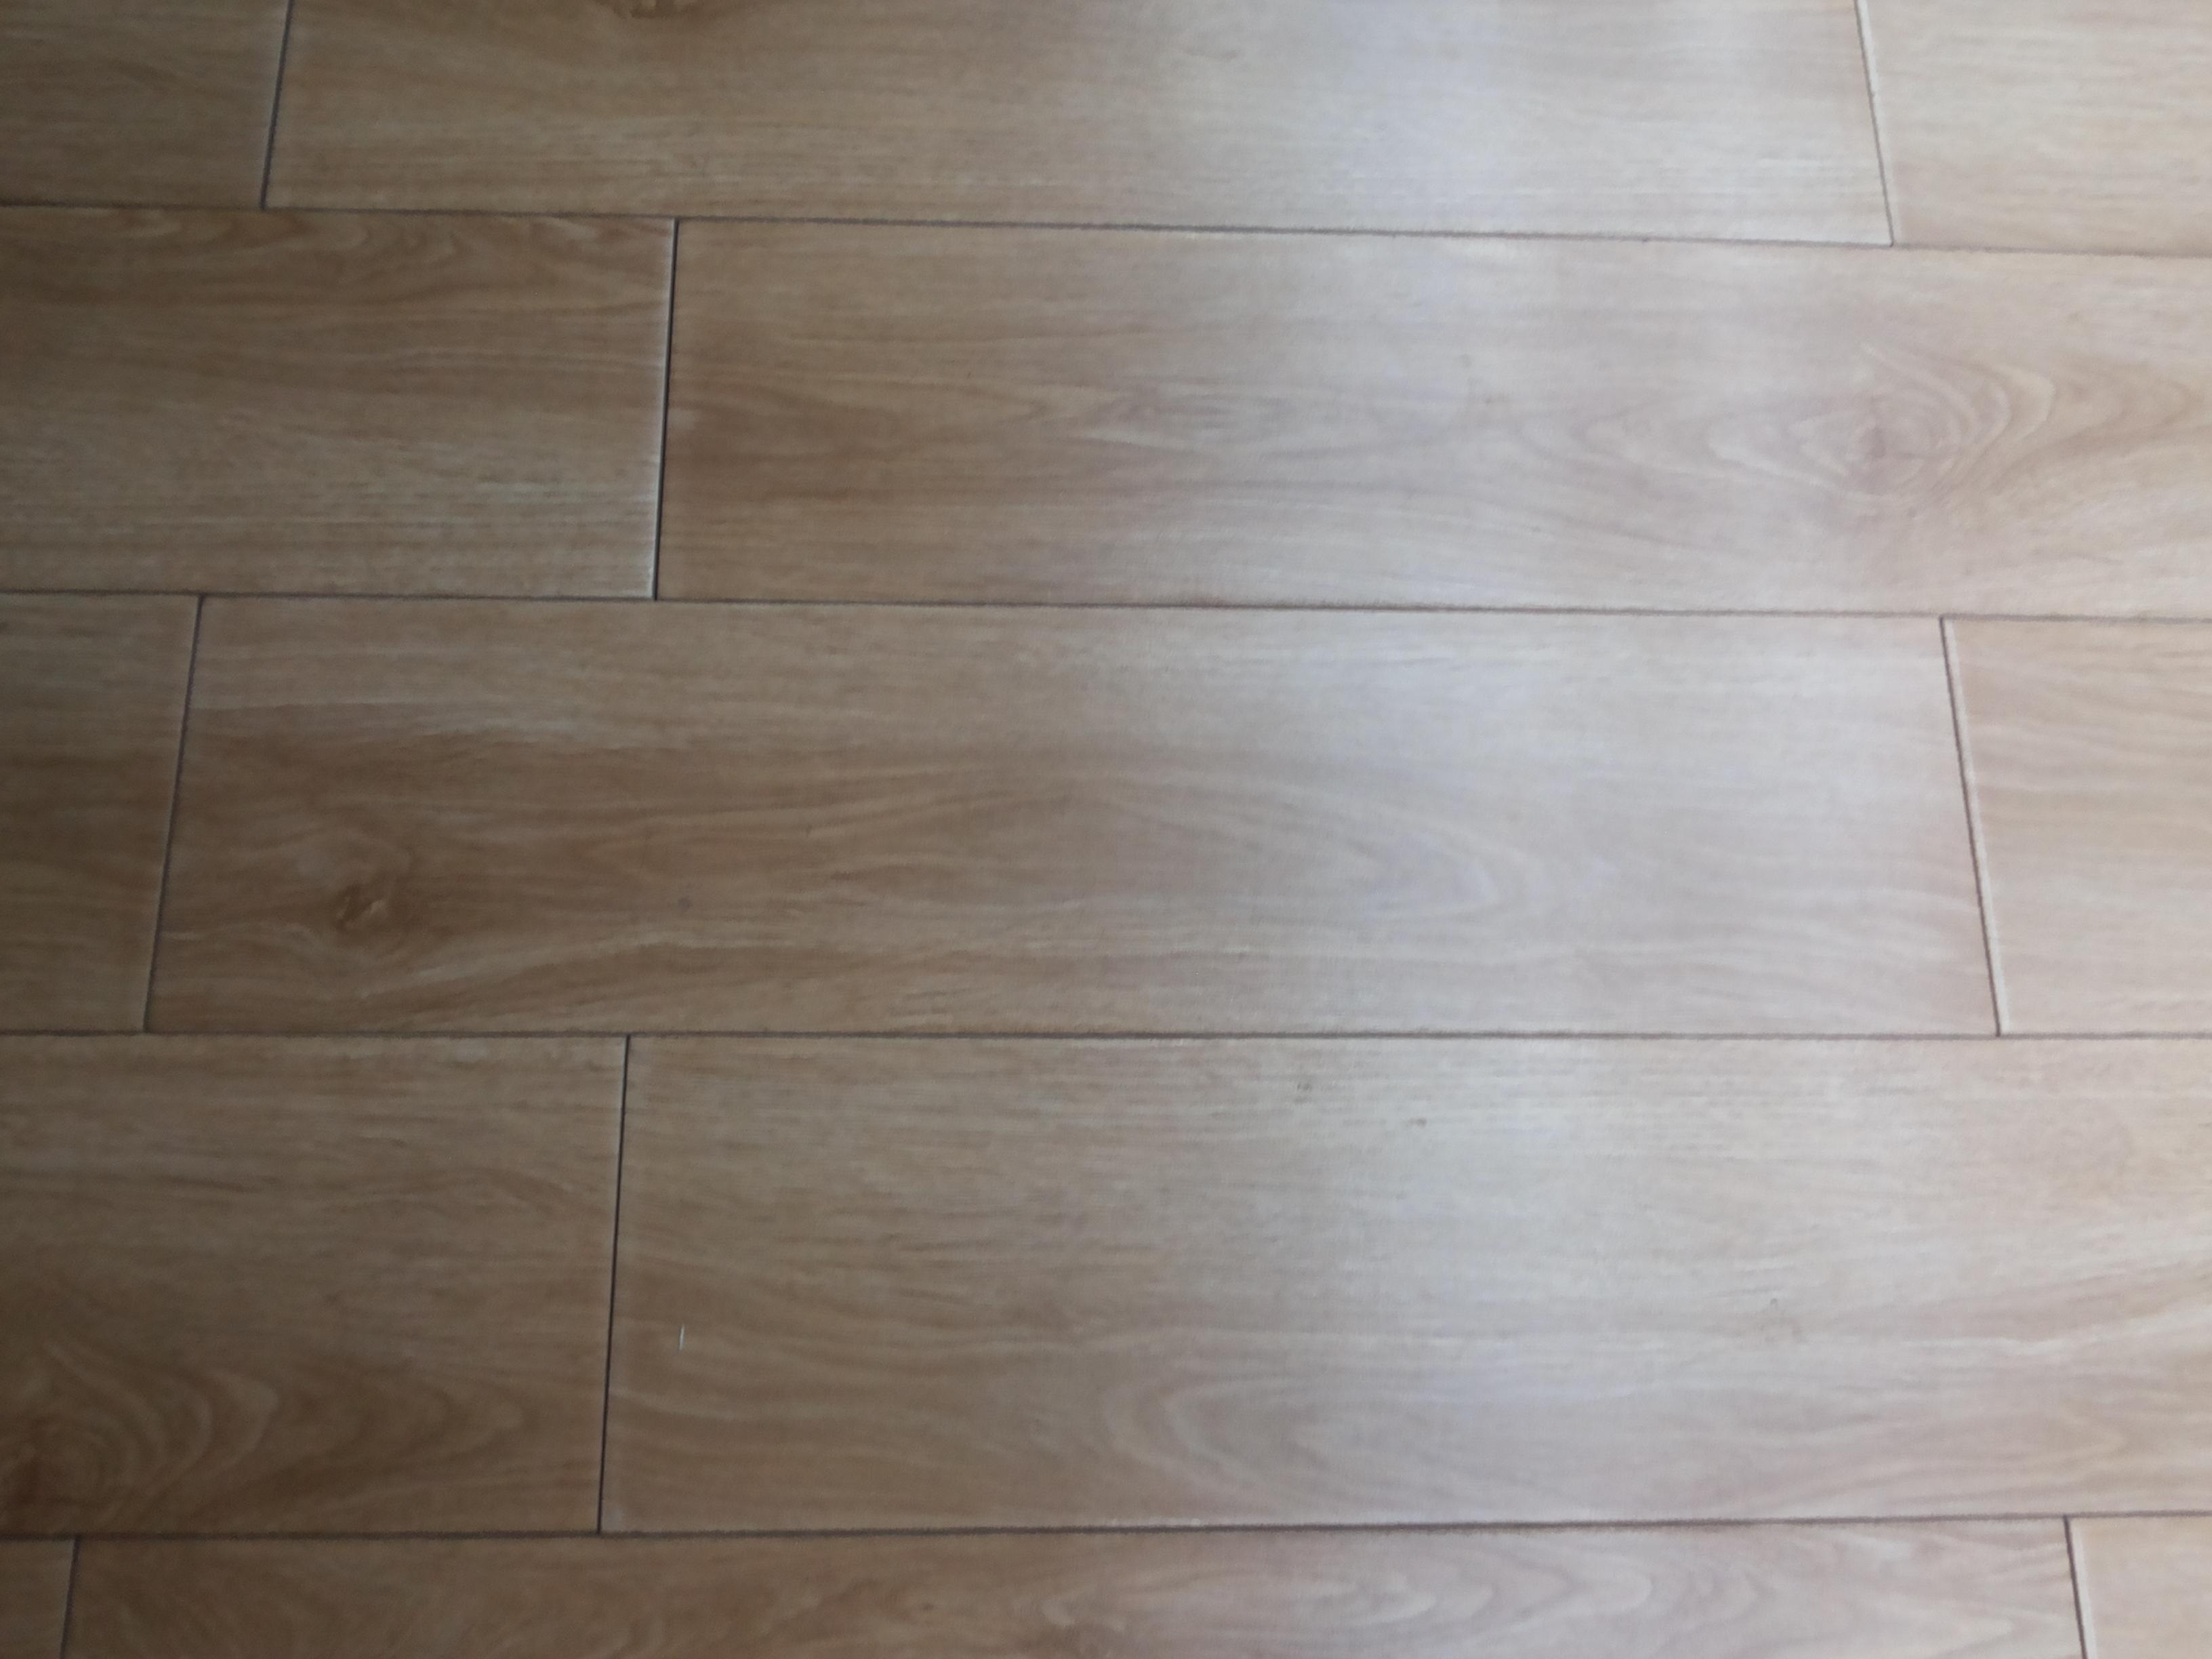 供应150*600磁质仿古木纹地面砖瓷砖批发